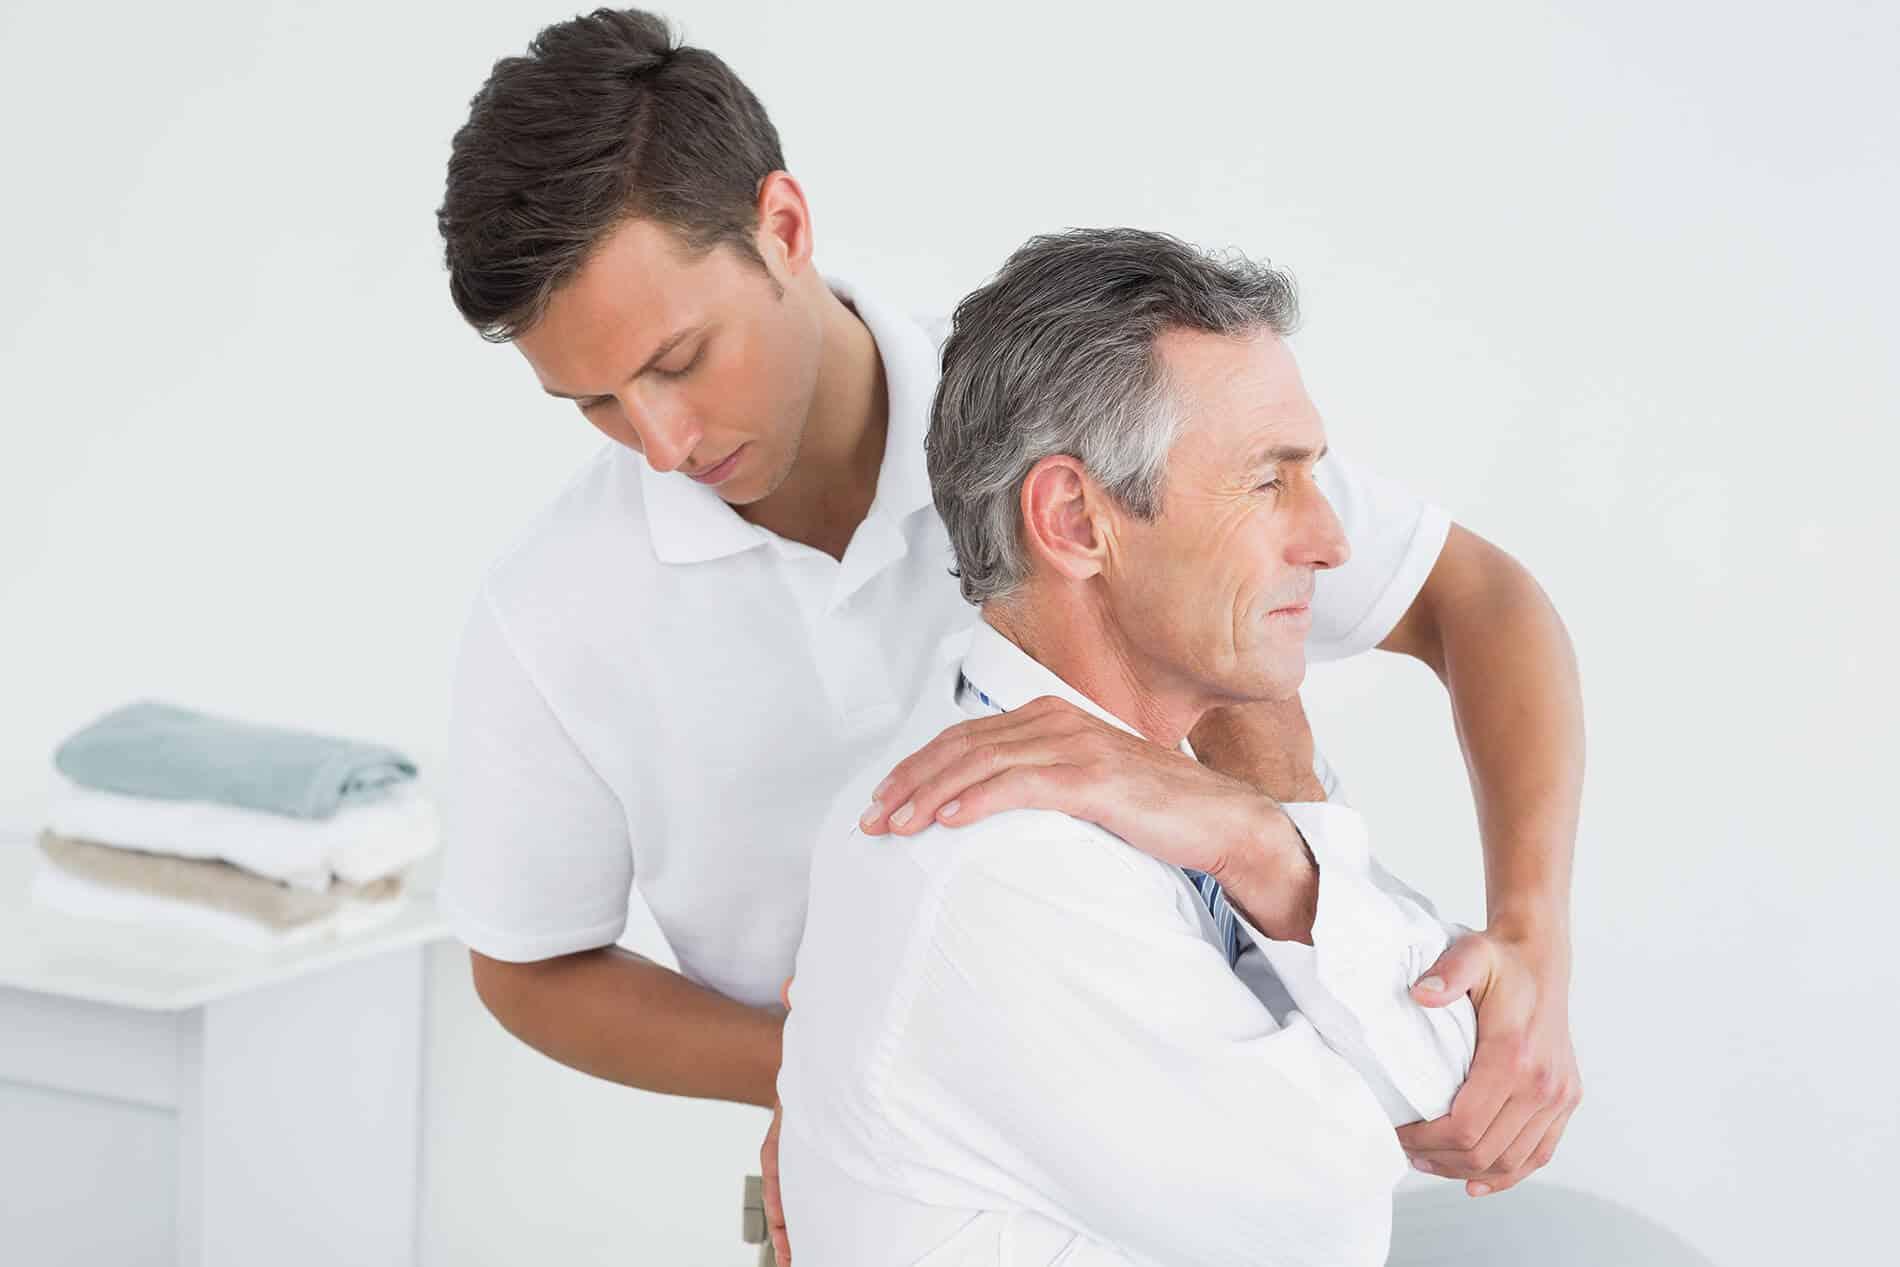 Chiropractic Patient Portal